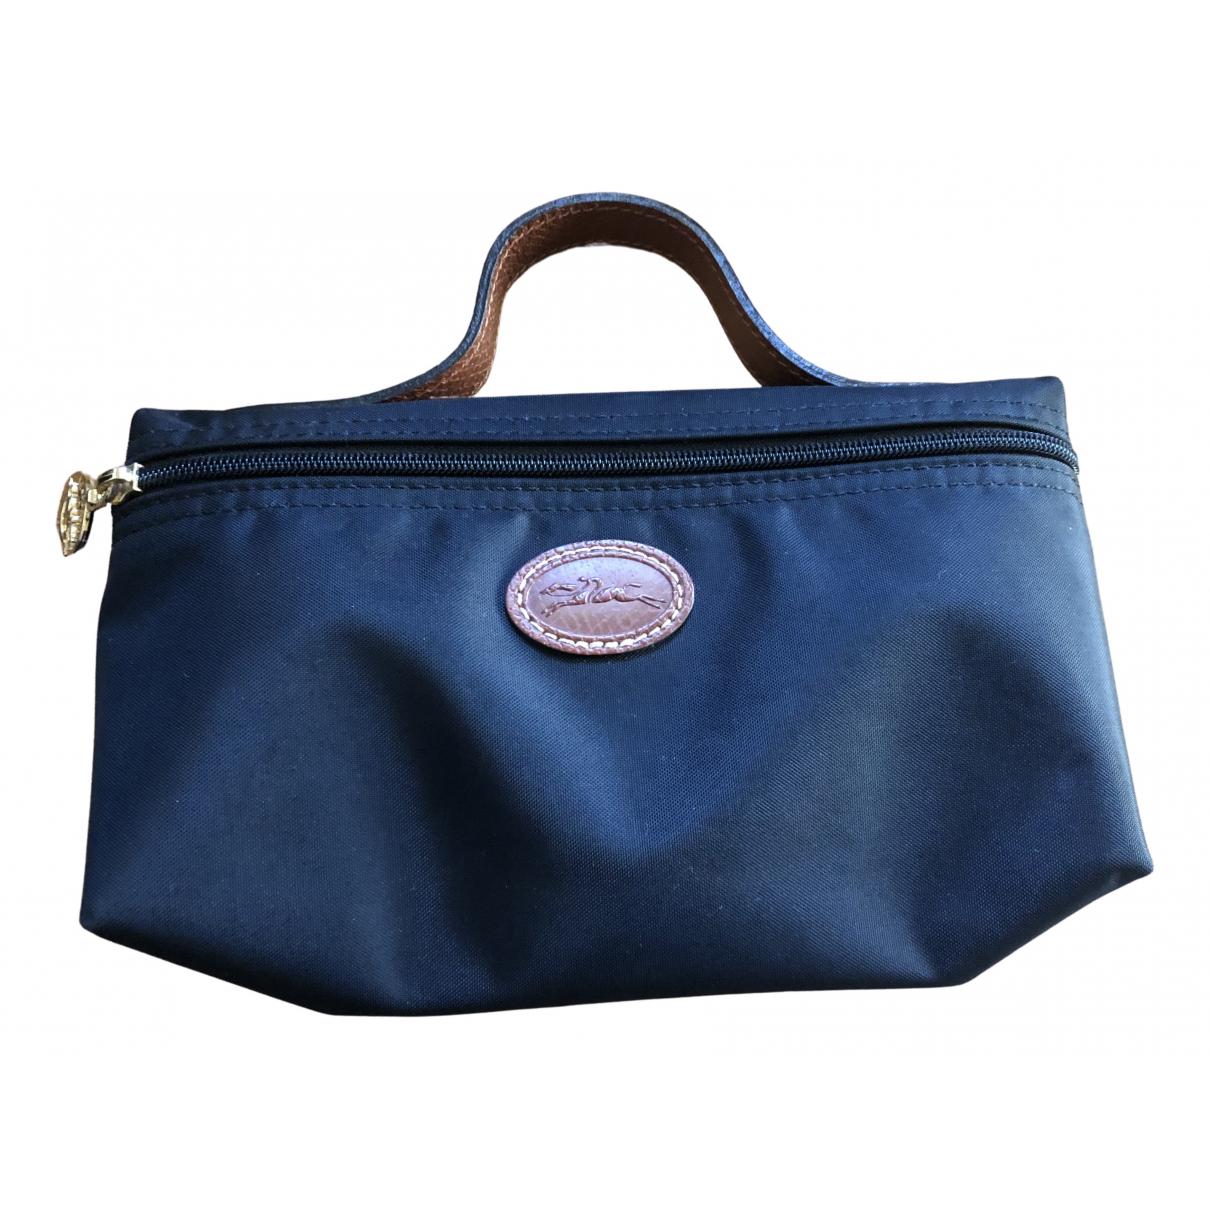 Longchamp - Pochette   pour femme en cuir - noir